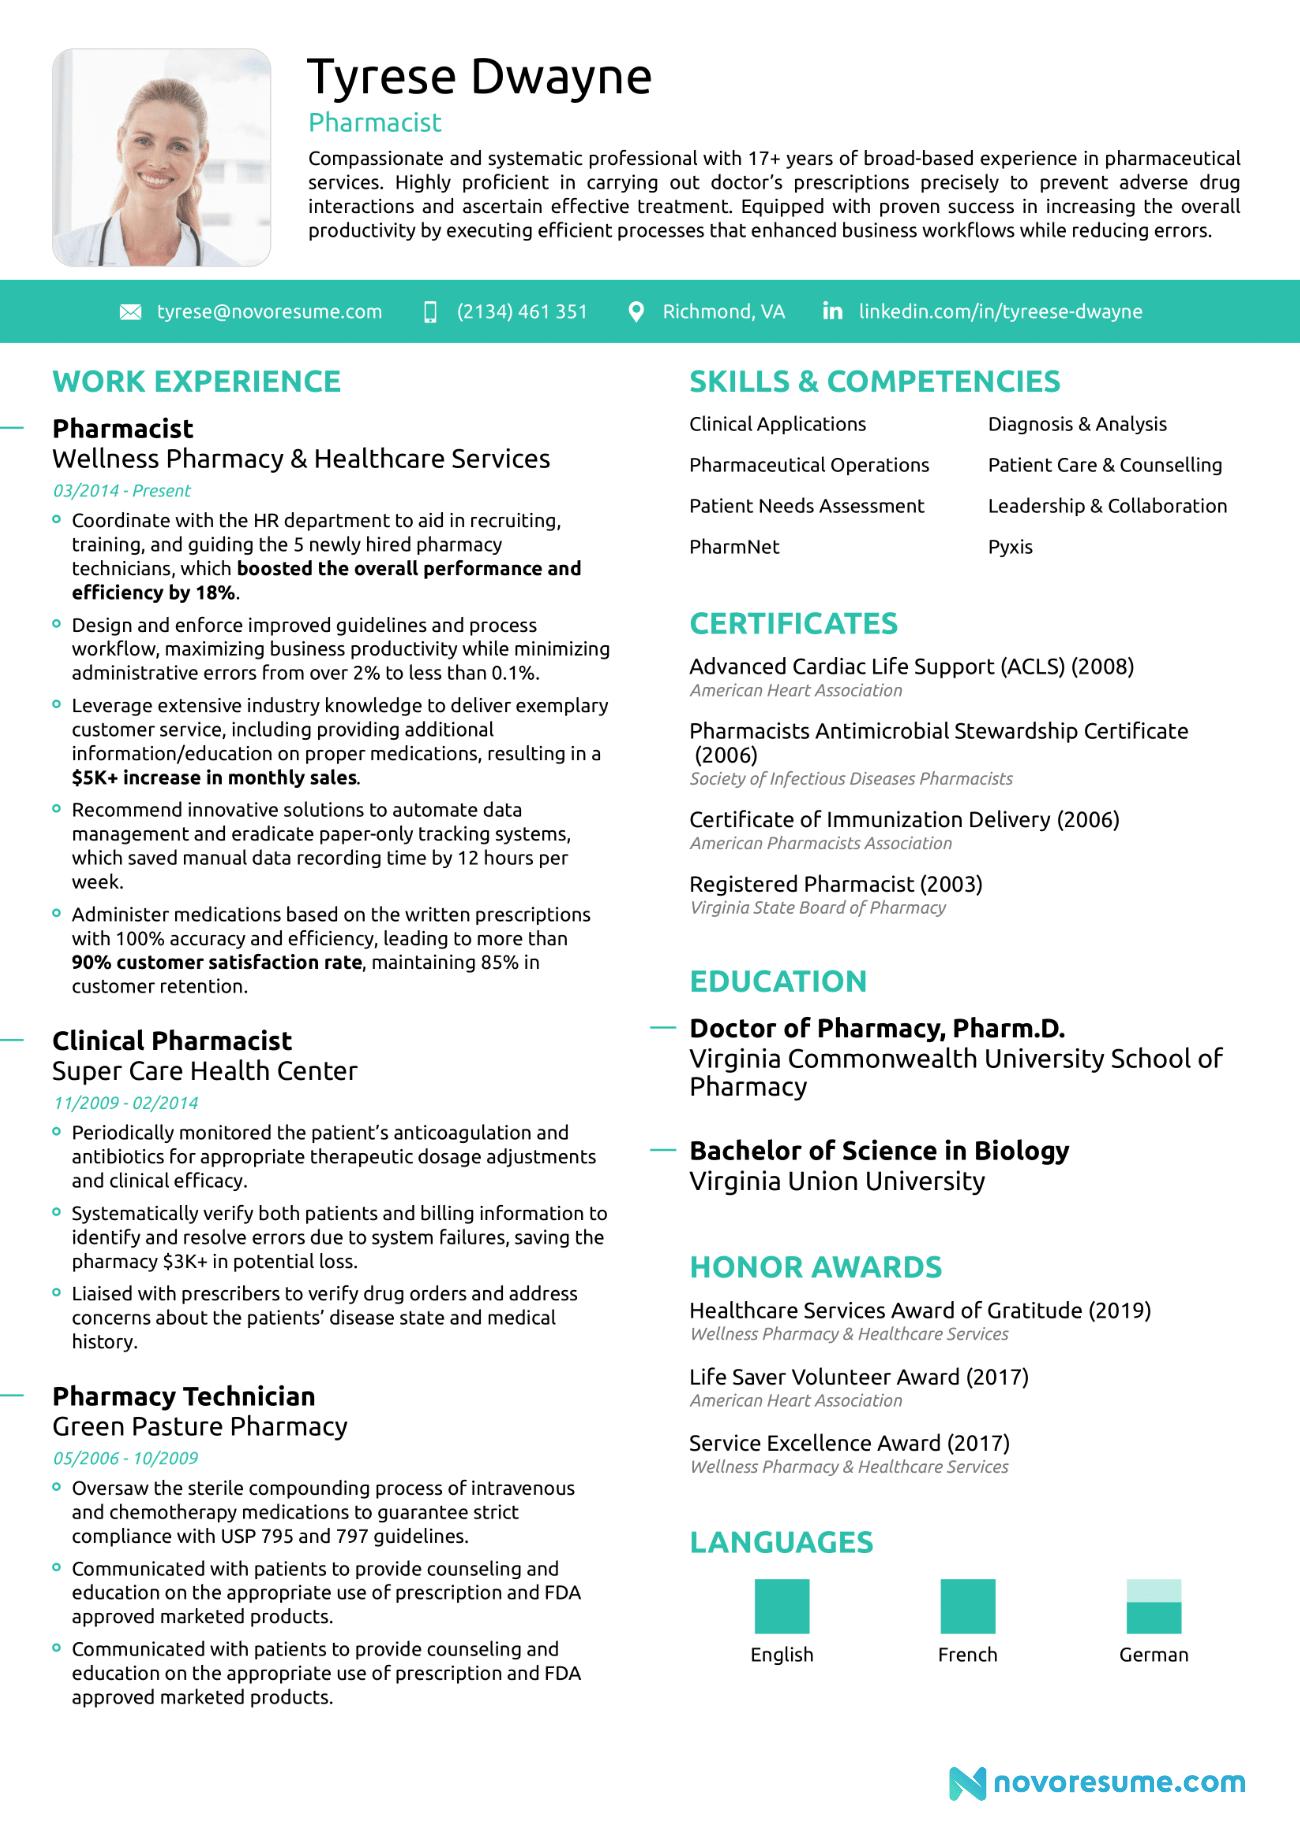 Pharmacist Chronological Resume